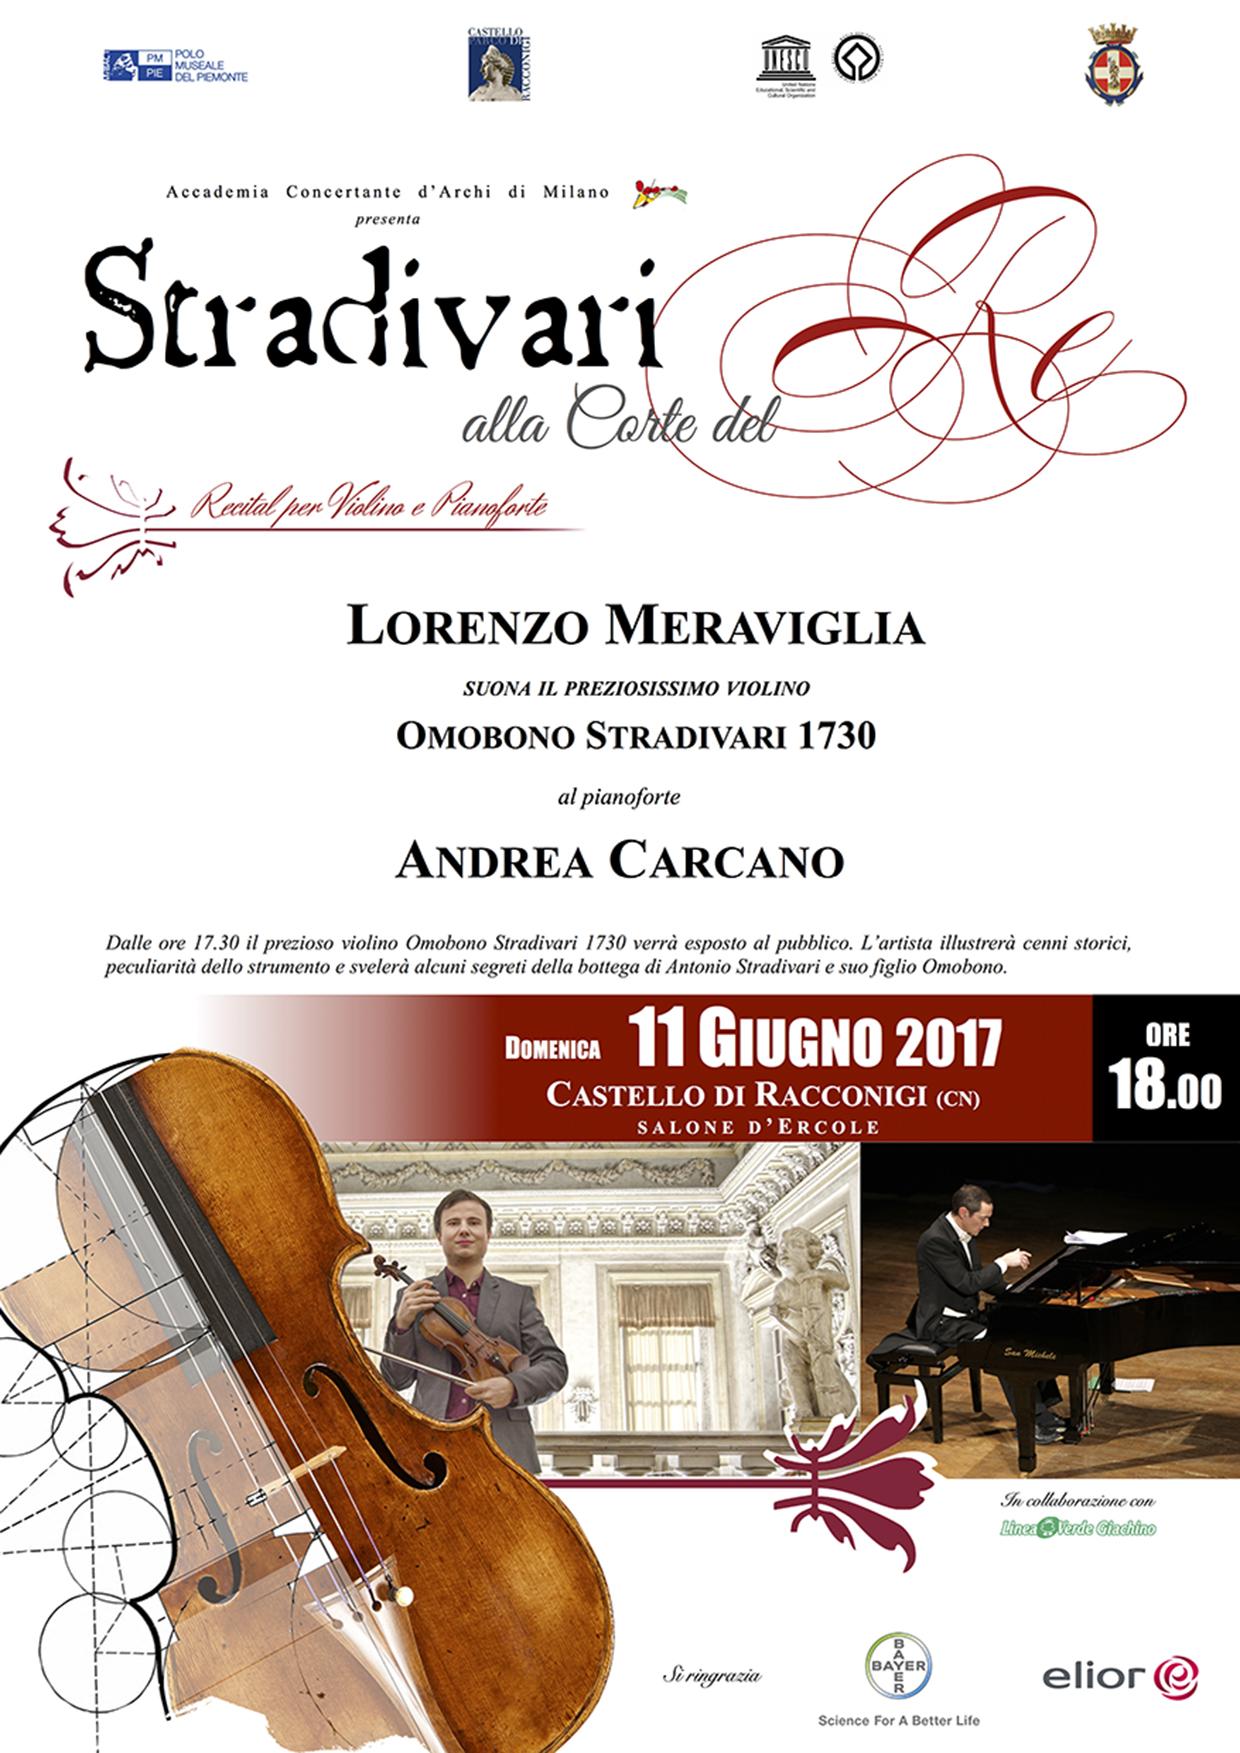 LOCANDINA RACCONIGI_br - stradivari